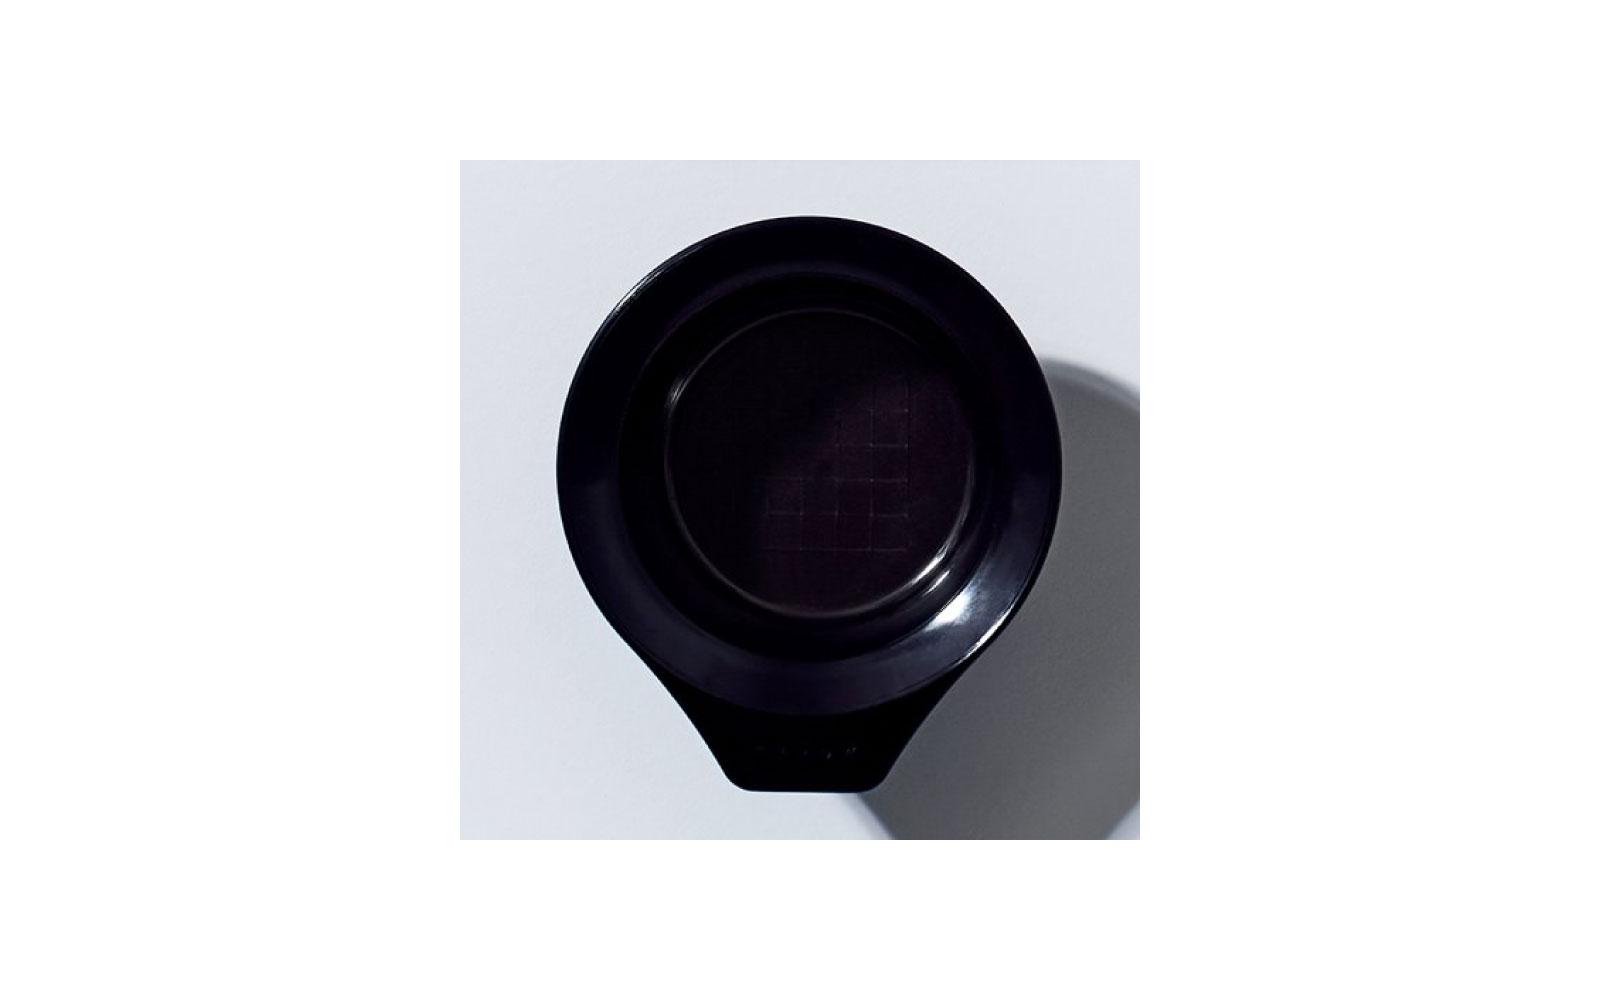 スロウ カップ (throw)image01